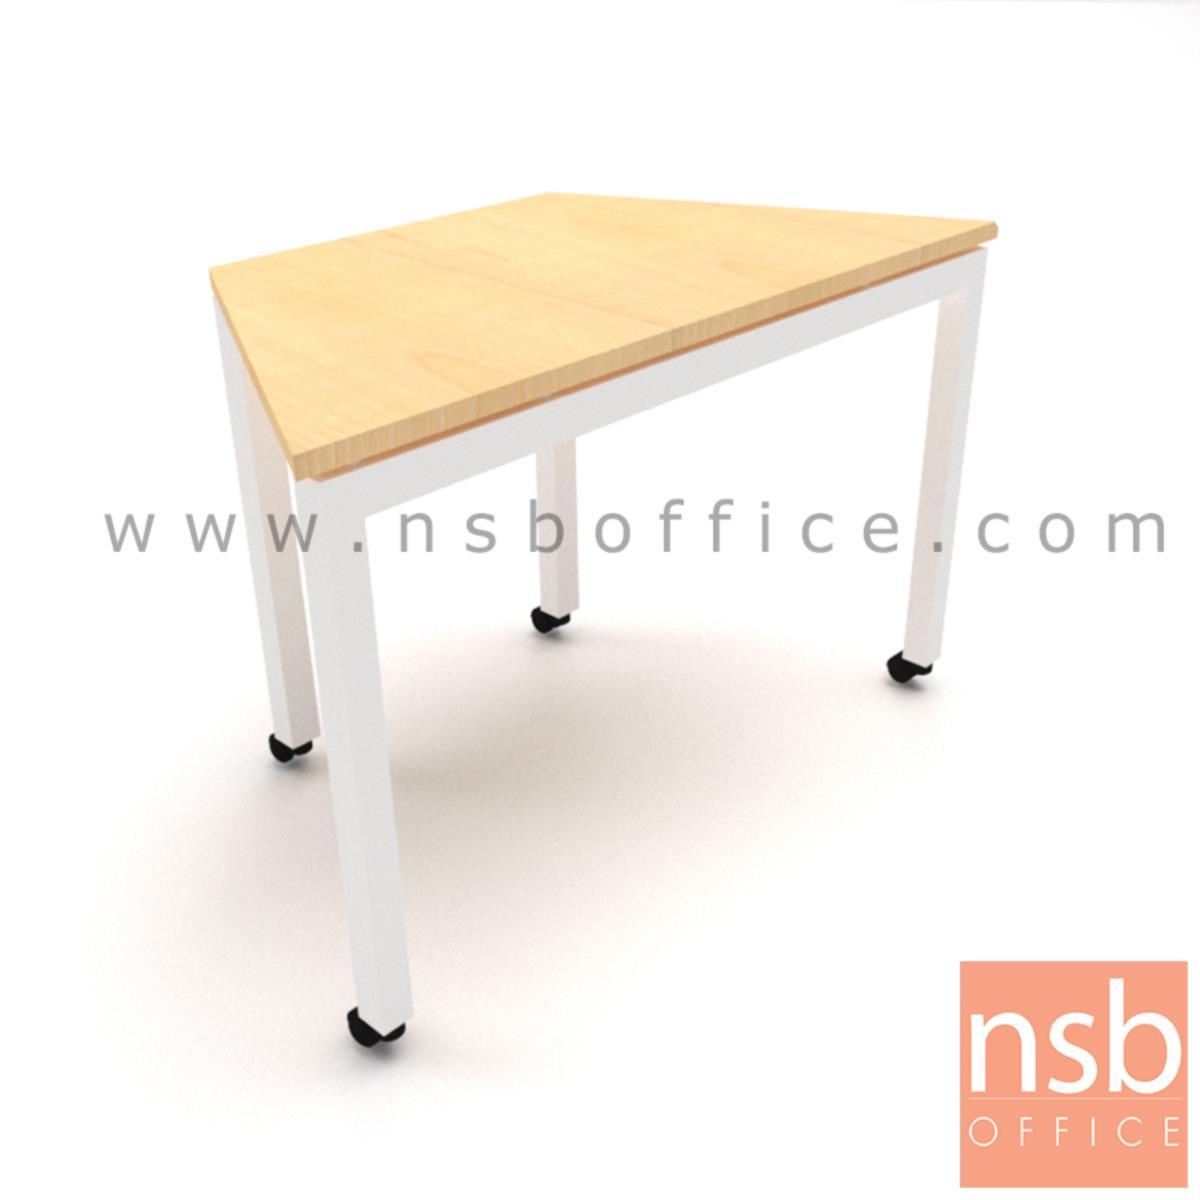 A10A075:โต๊ะทำงานทรงคางหมูมีล้อ รุ่น Quince (ควินซ์) ขนาด 105W ,120W ,140W ,180W cm.  โครงขาเหล็กเหลี่ยม ล้อเลื่อน